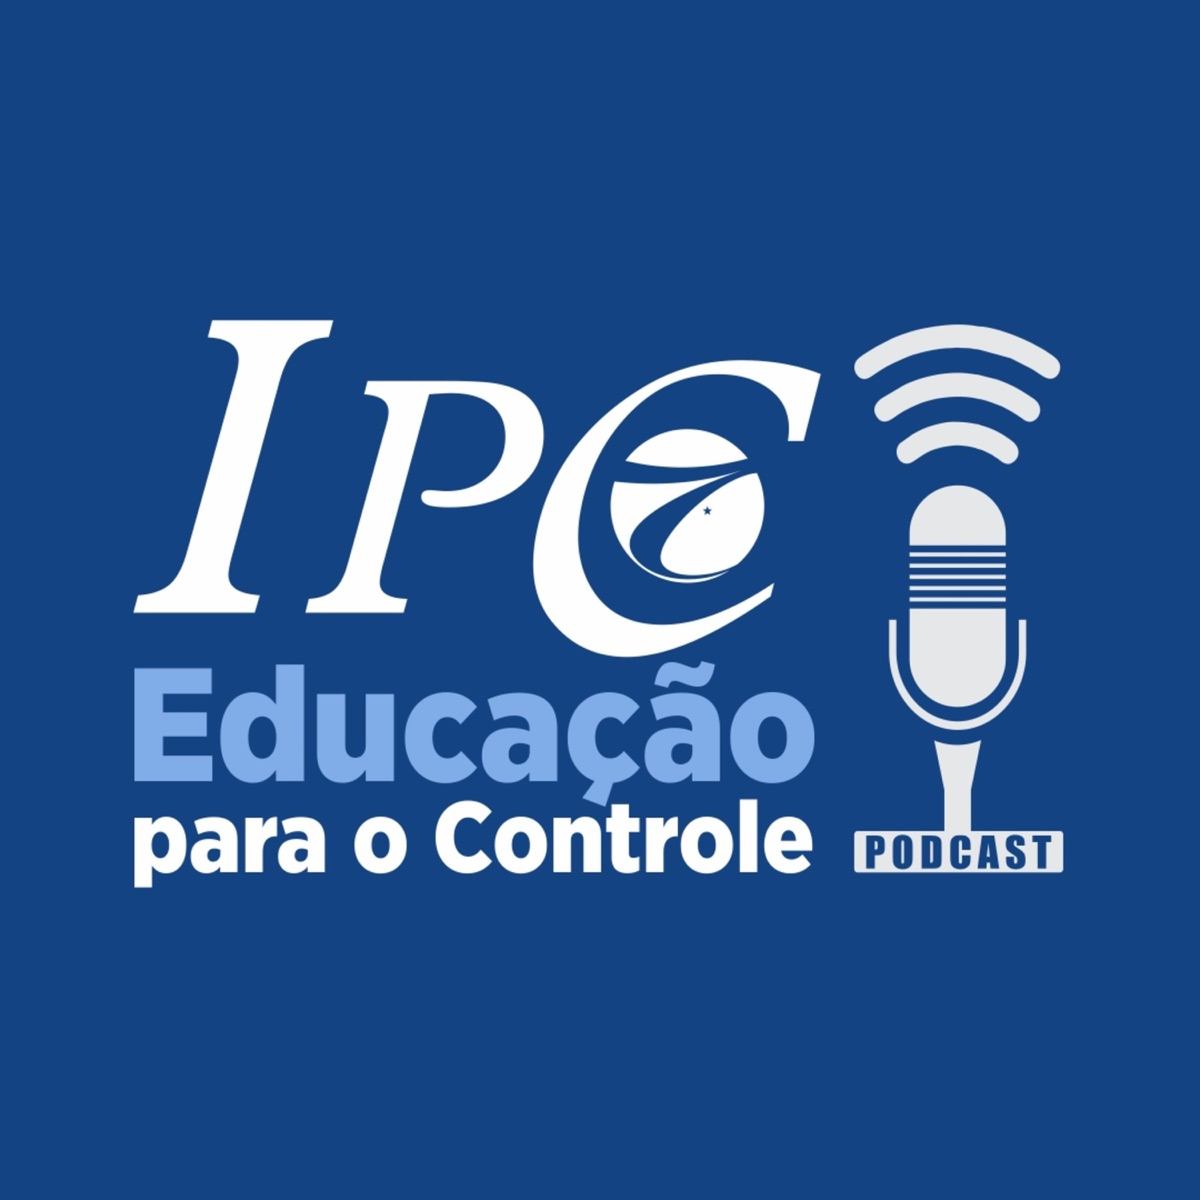 Educação para o Controle